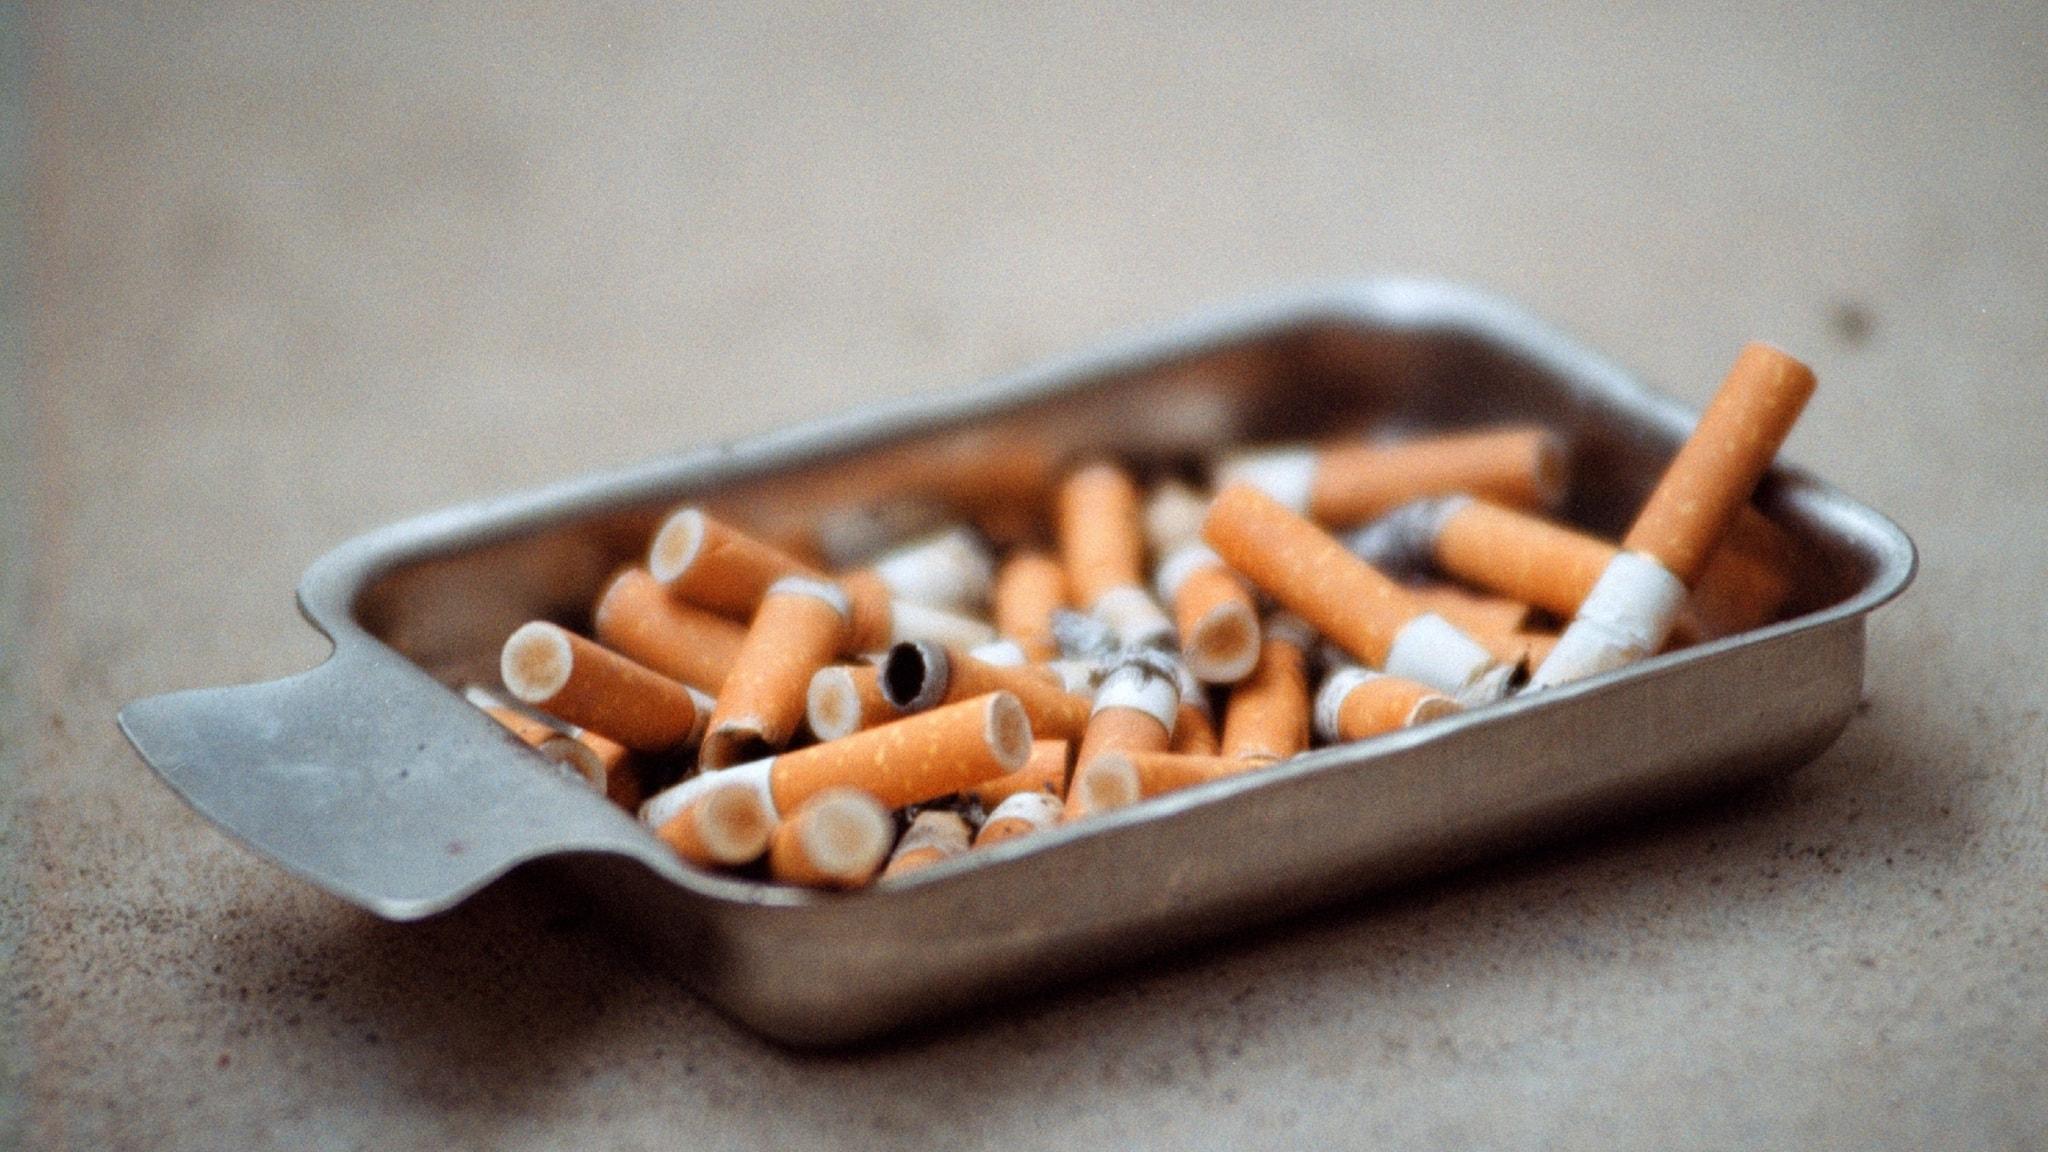 Cigarettfimpar i ett överfyllt askfat.